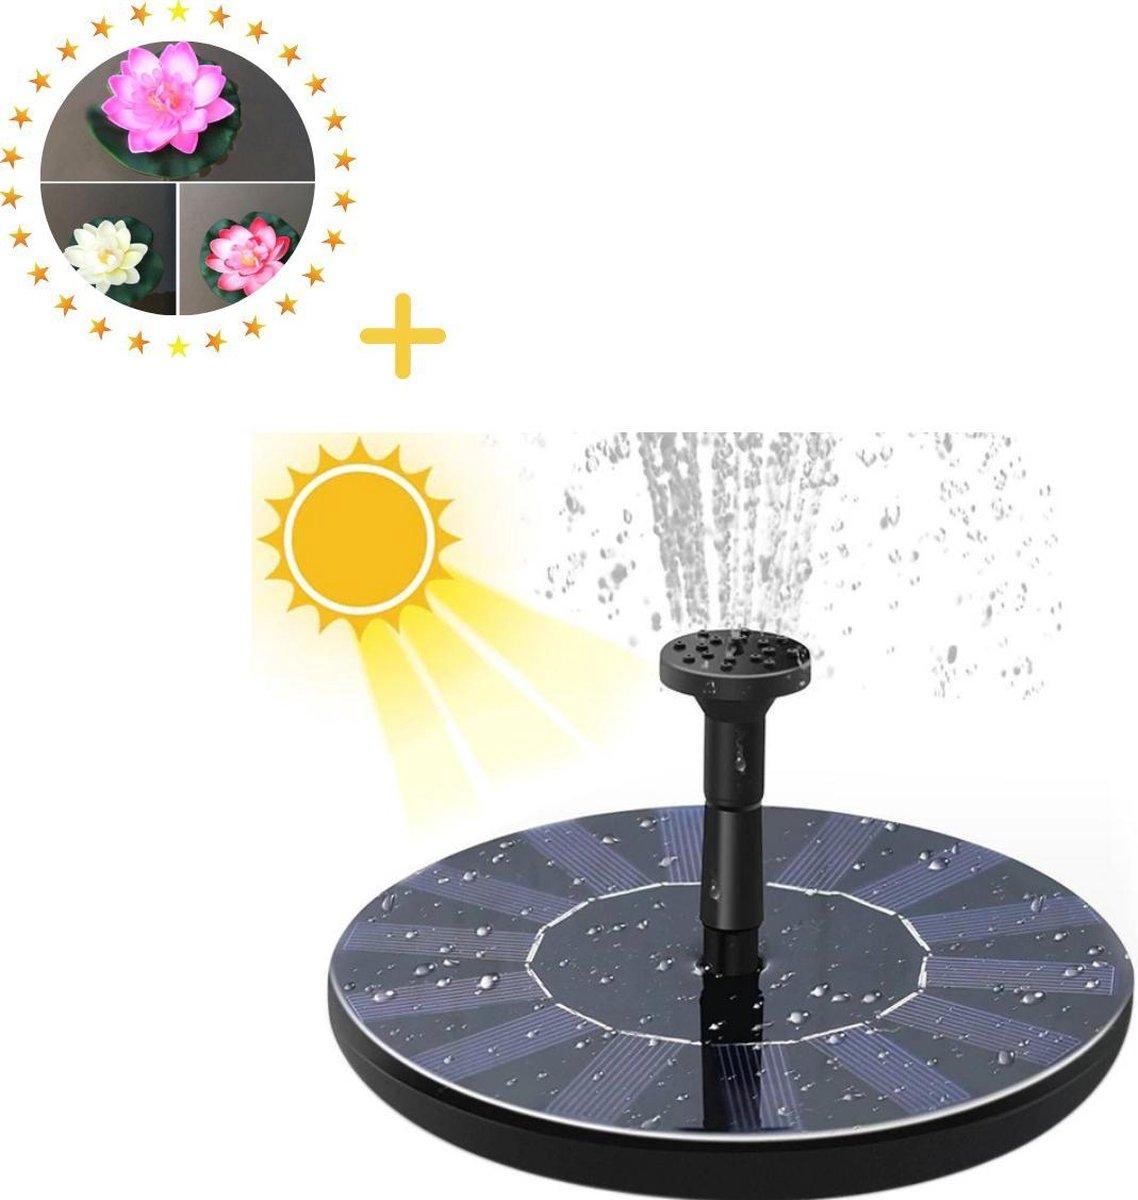 Solar fontein - Zonne energie - 13 cm Inclusief 5 opzetstukken en 3 waterbloemen -Fontein Pomp voor Vogelbad Vogeldrinkschaal Vijver Tuin Zwembad Waterschaal